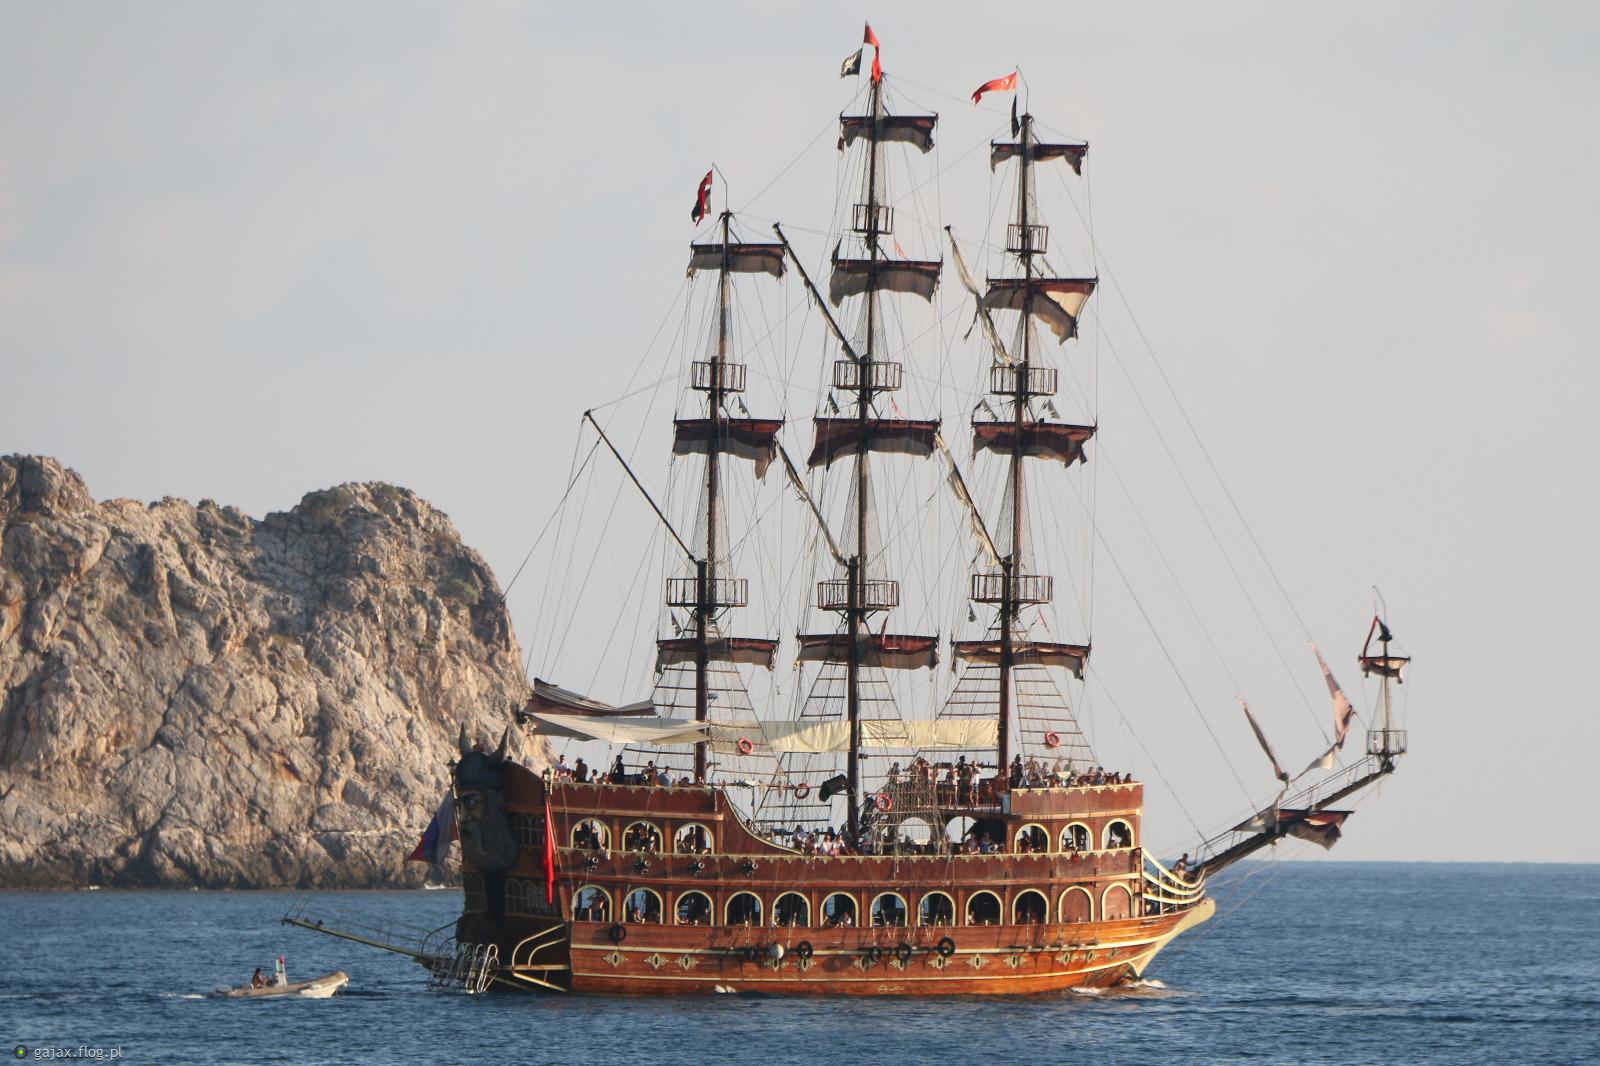 Statek Piracki :) - zdjęcie - Fotoblog gajax.flog.pl